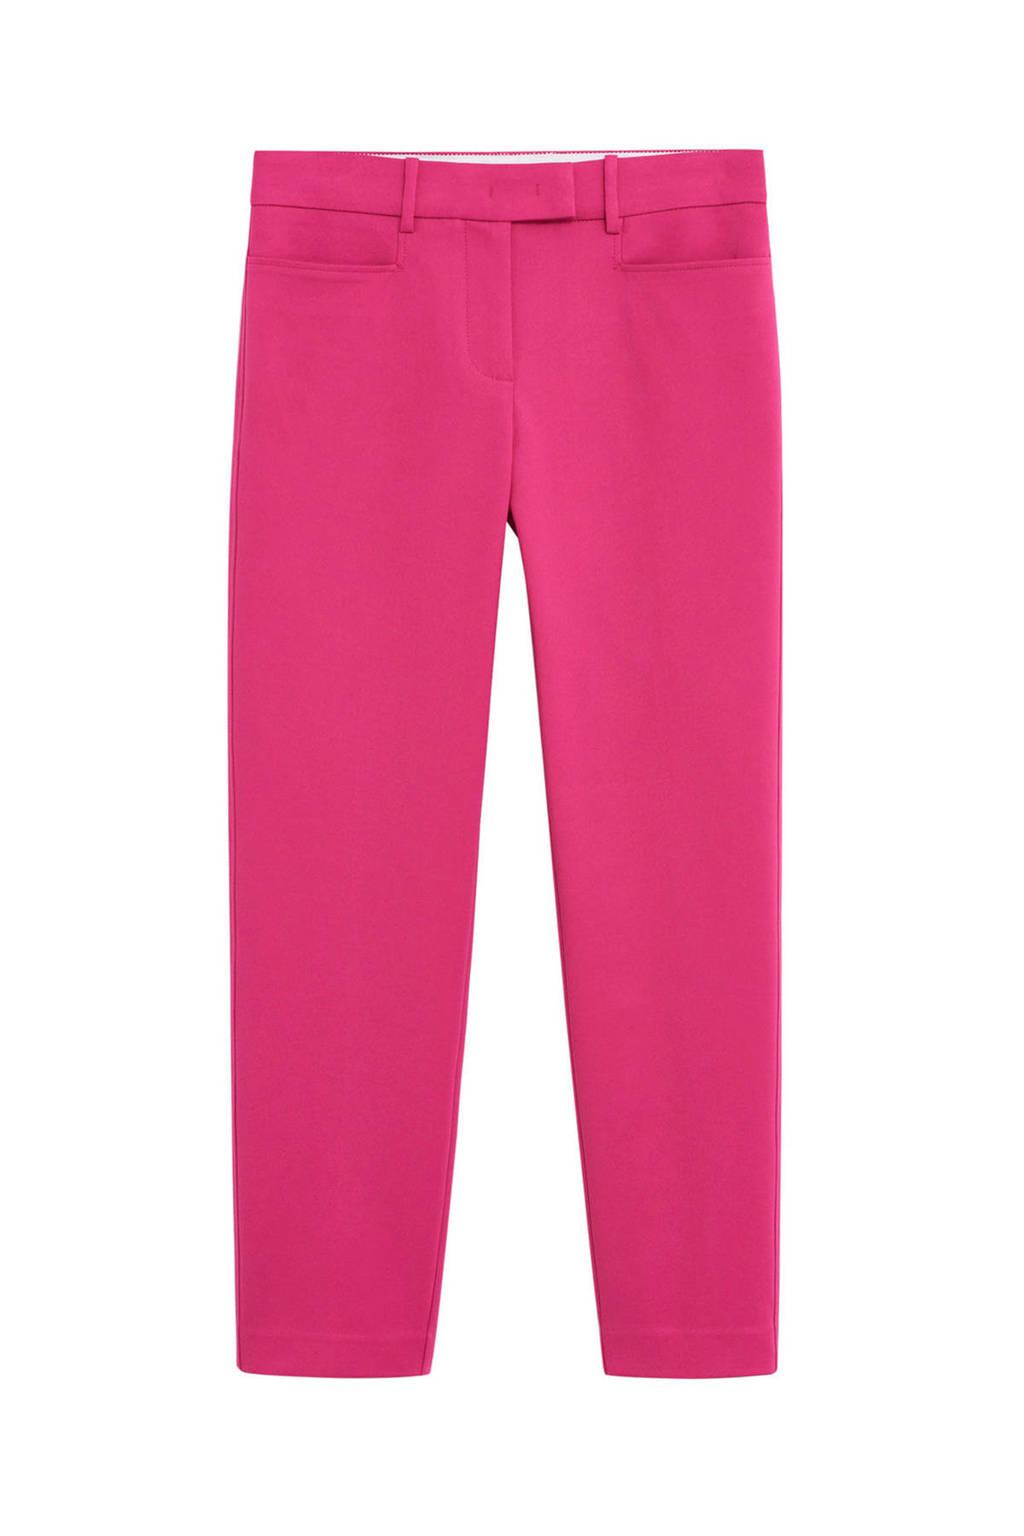 Mango straight fit pantalon roze, Roze